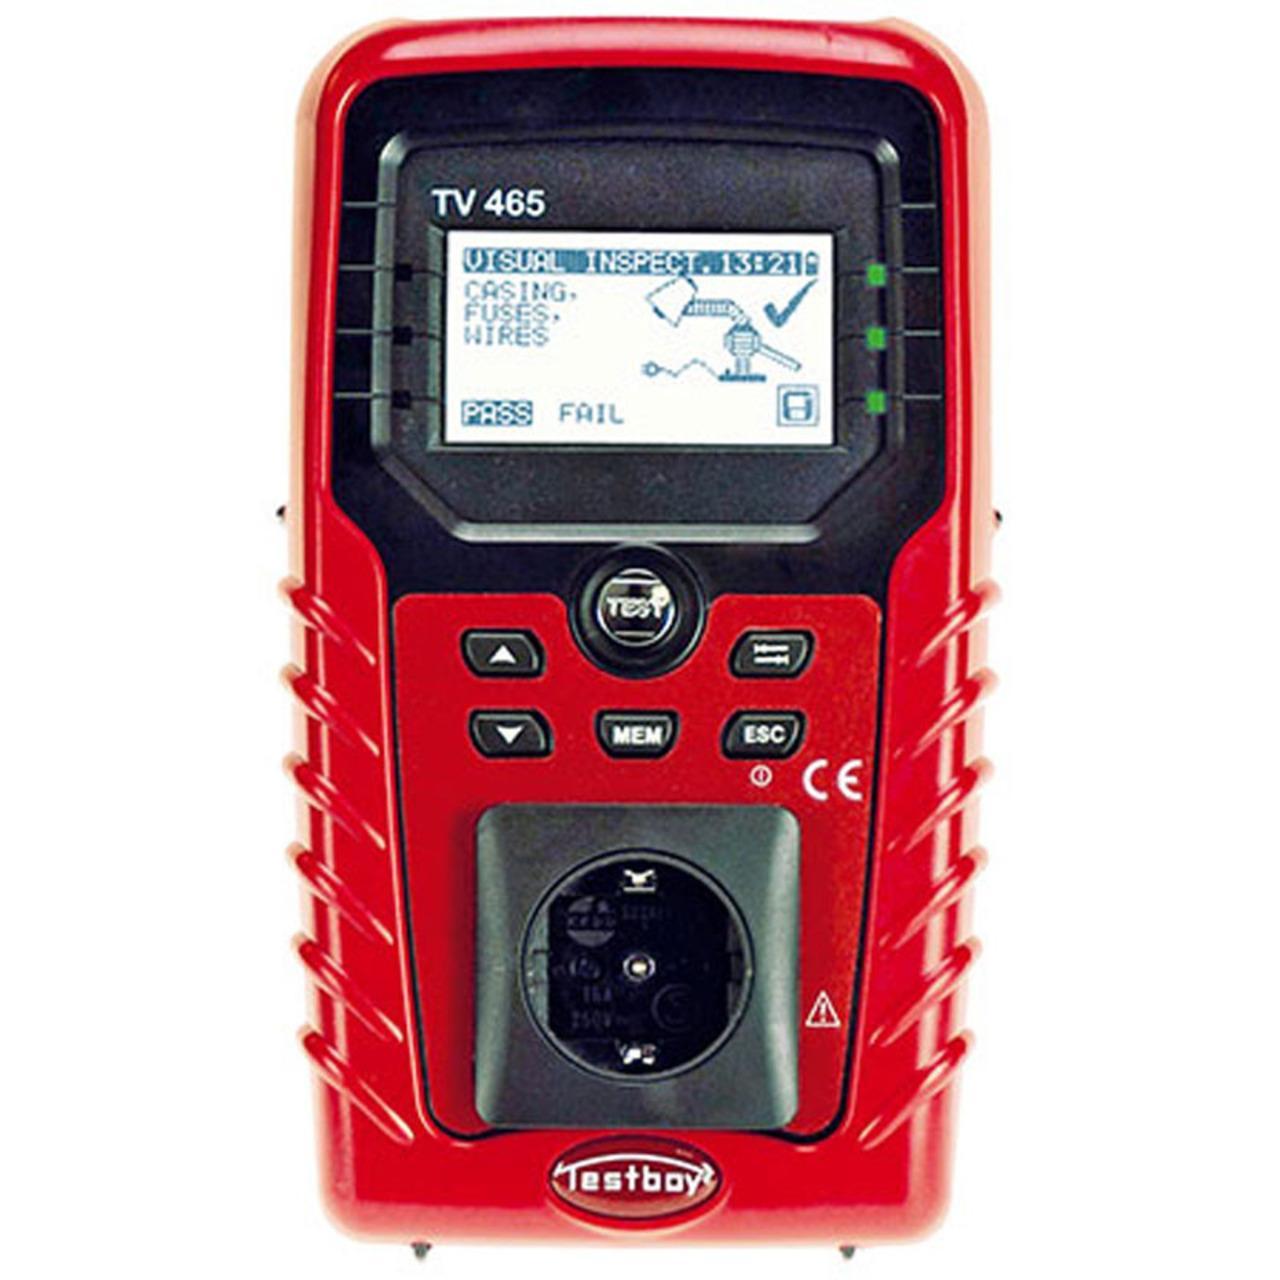 testboy VDE-Tester 0701/0702 TV 465